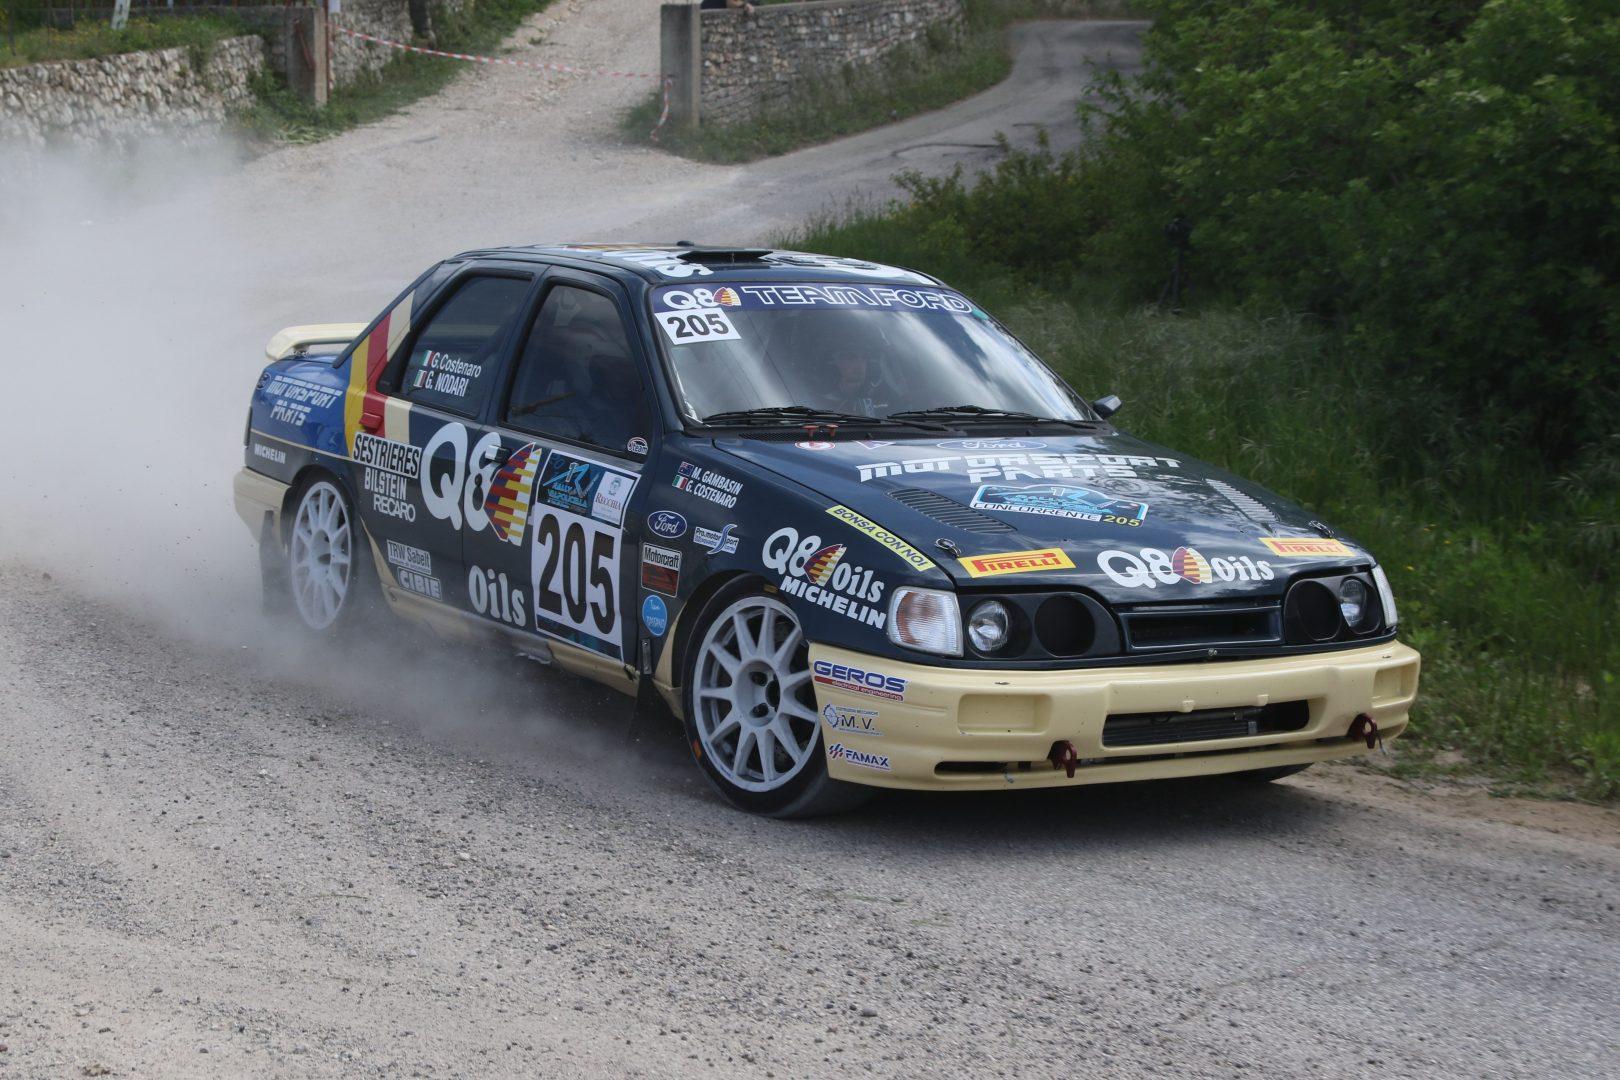 Costenaro-Nodari Ford Sierra 4x4 Vincitori del Rally storico della Valpolicella